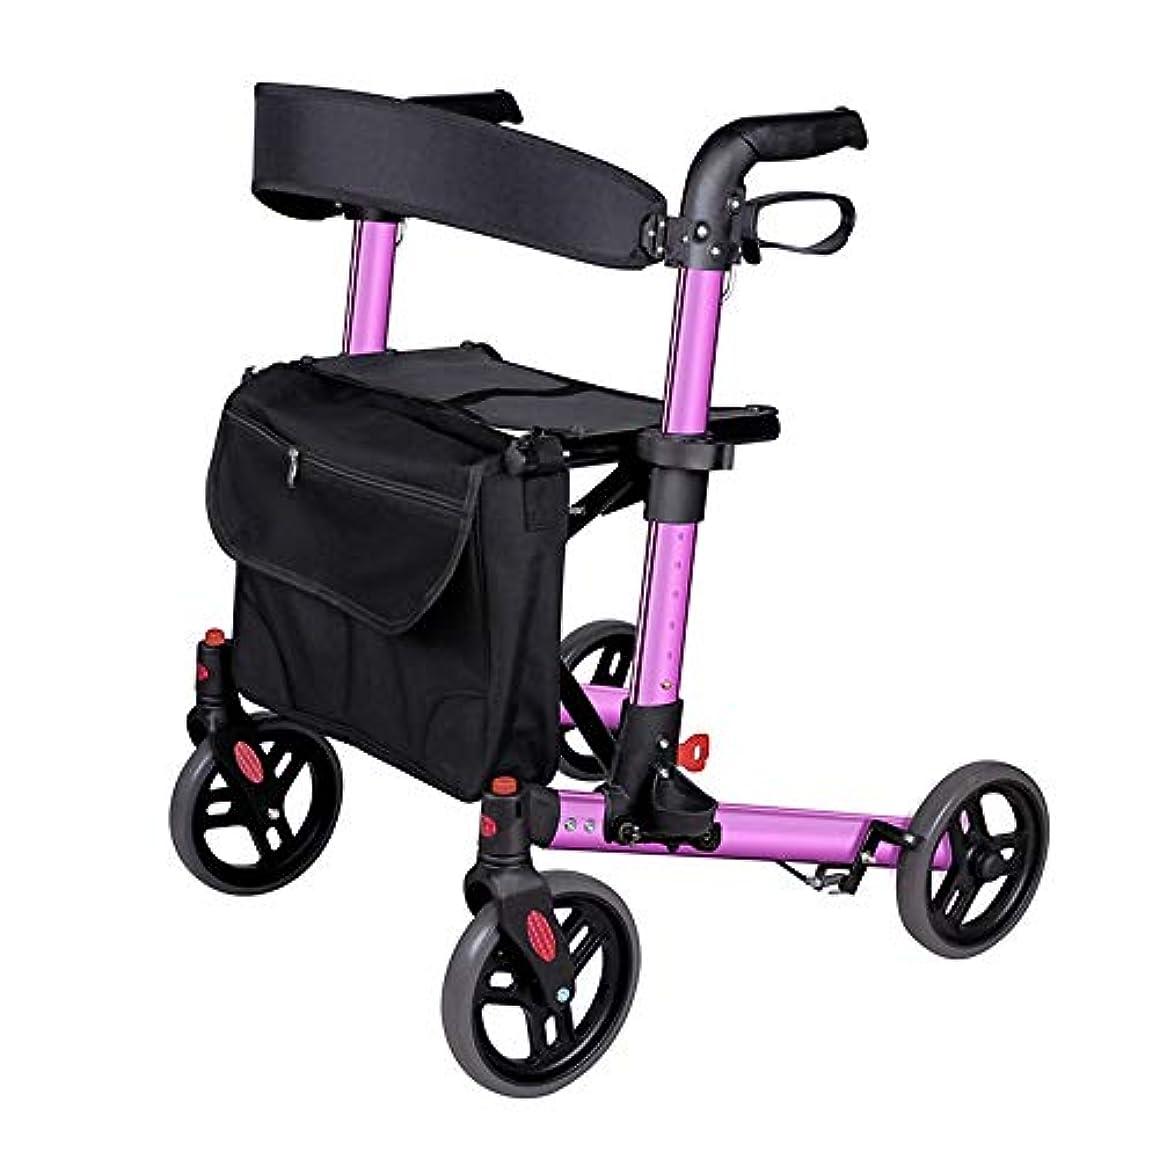 いつでもフィードストッキング老人のショッピングカートのプッシュは、歩行歩行器に座ることができます